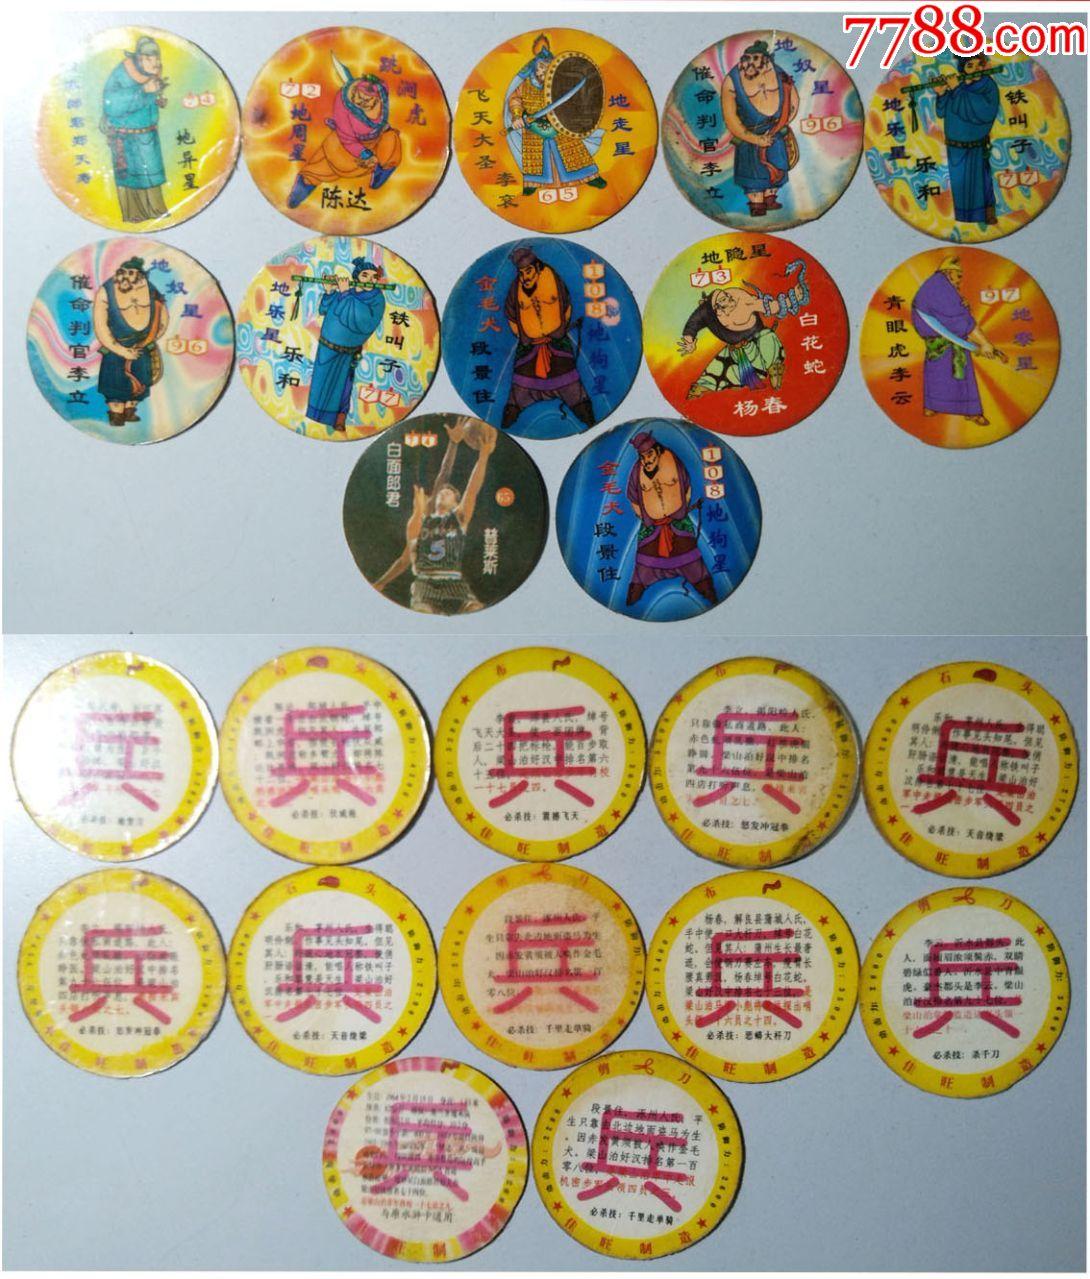 象棋-古代名著漫画食品圆卡一组百余枚_价格7566元_第14张_